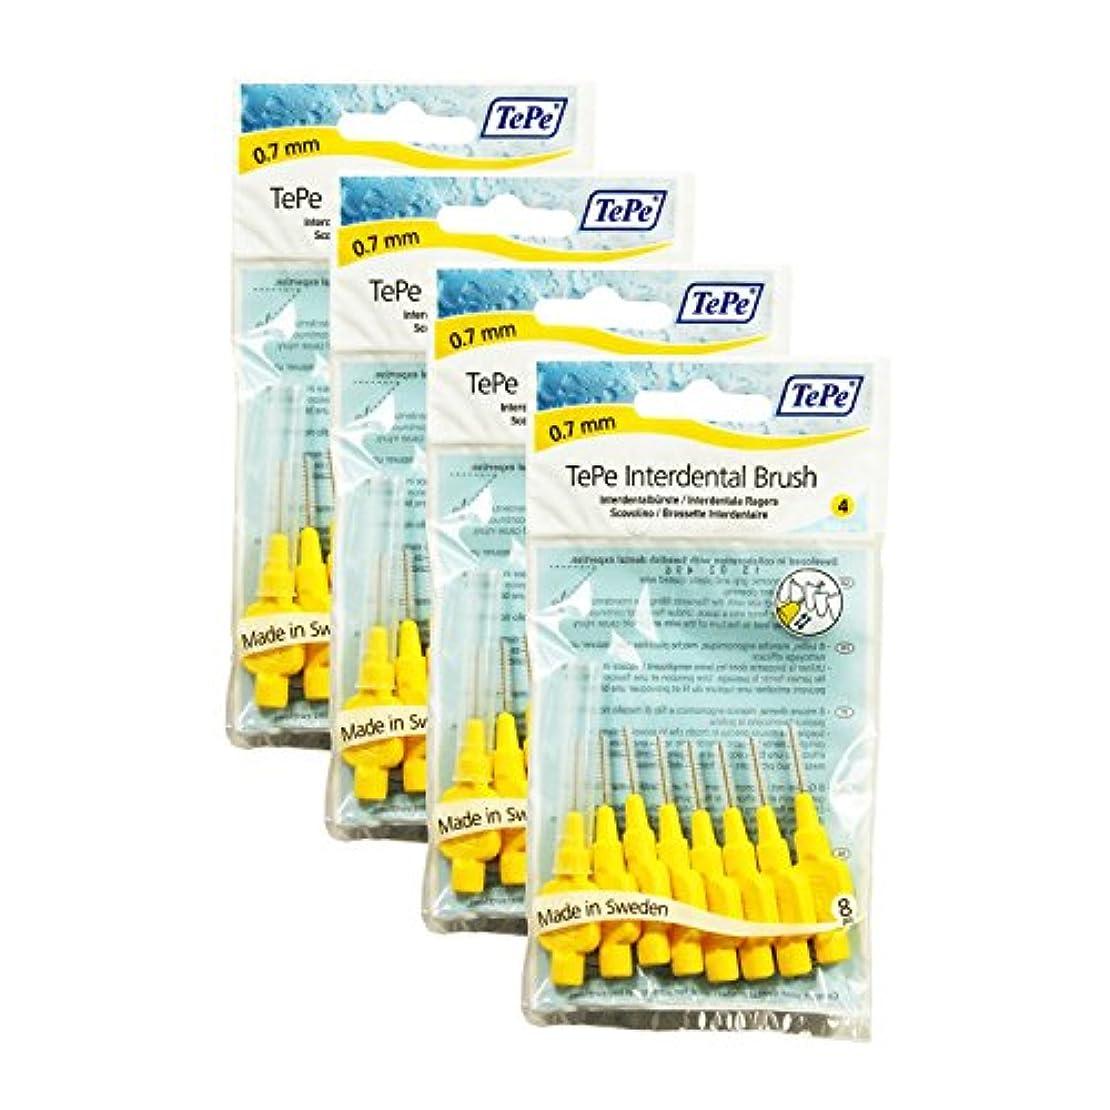 主に回復する行列TePe Interdental Brushes 0.7mm Yellow - 4 Packets of 8 (32 Brushes) by TePe